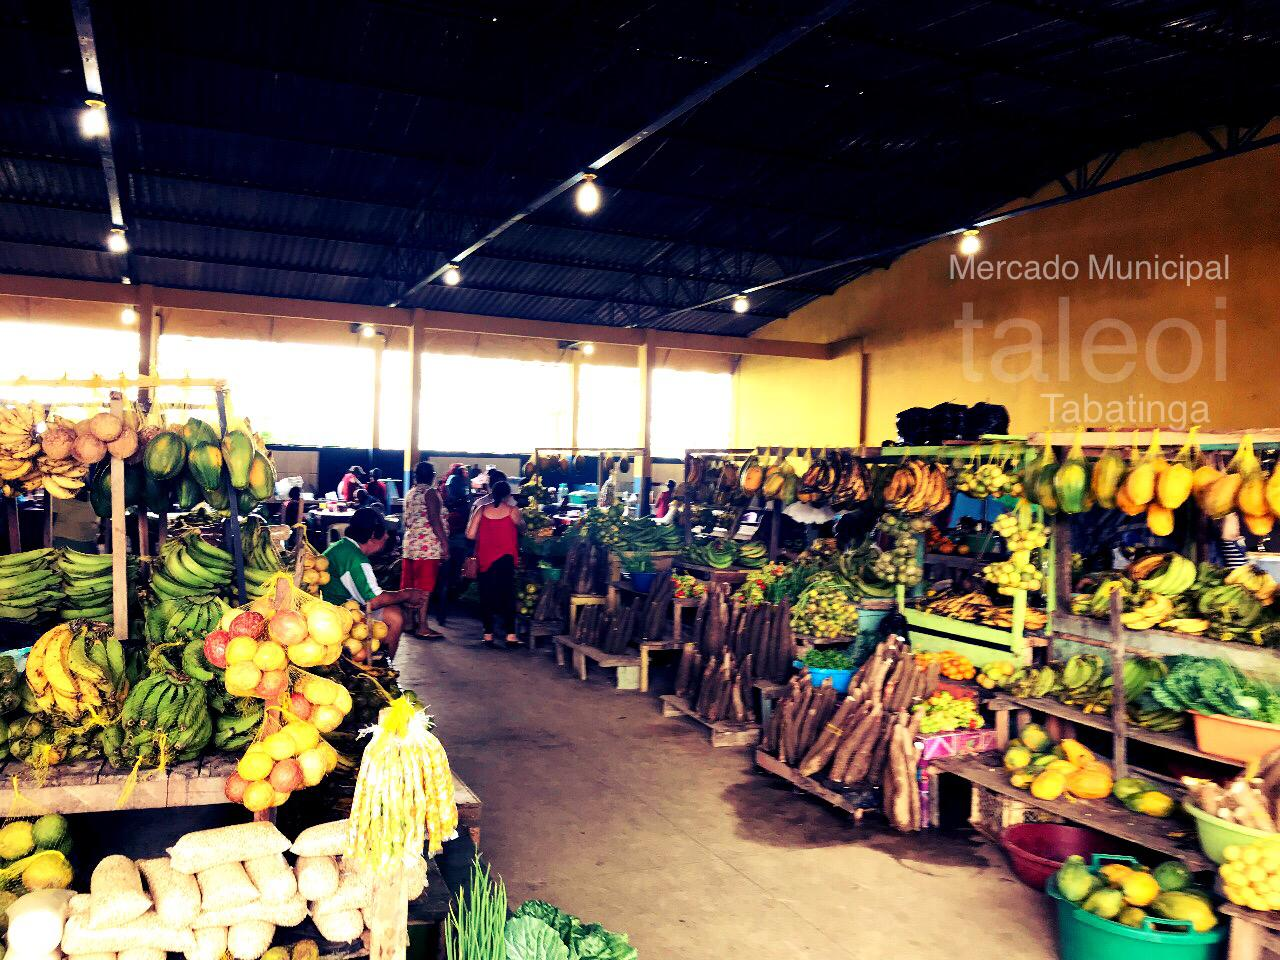 Pessoas em Mercado Municipal